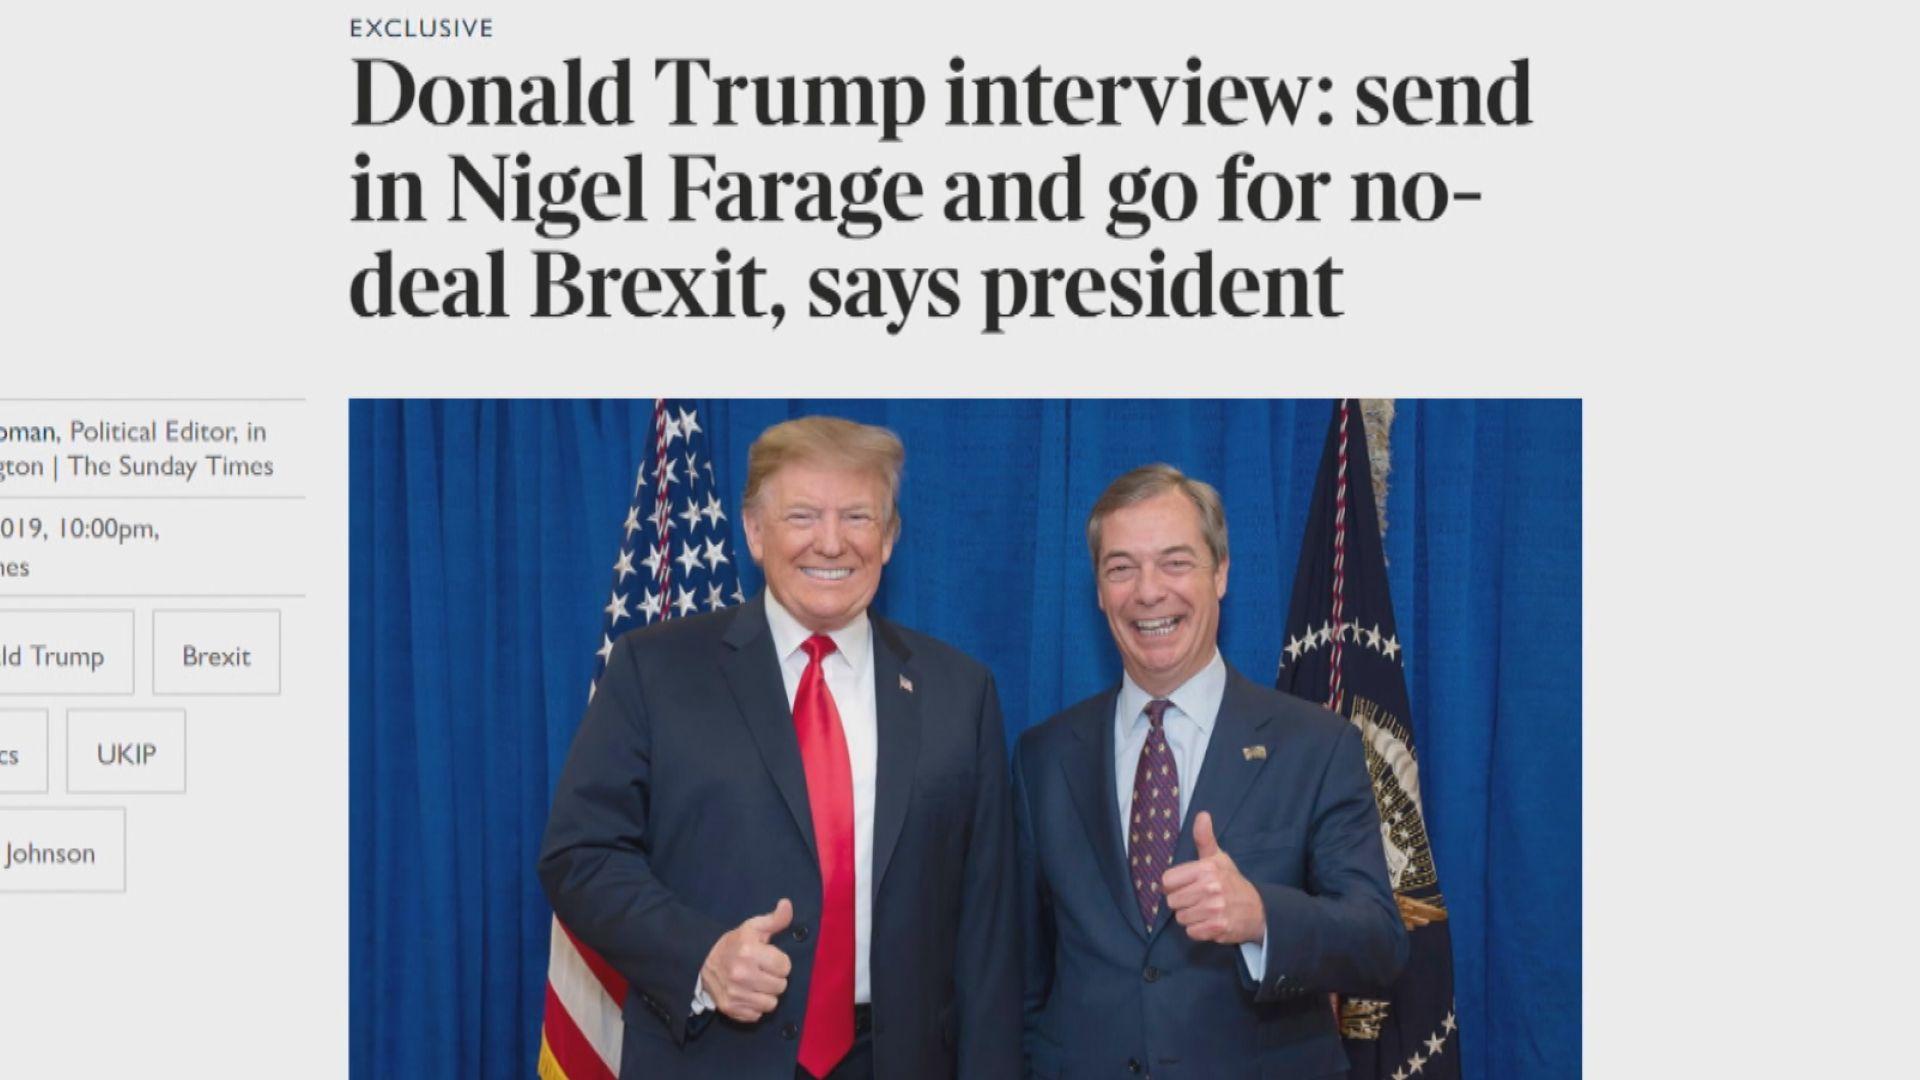 特朗普稱英國應無協議脫歐